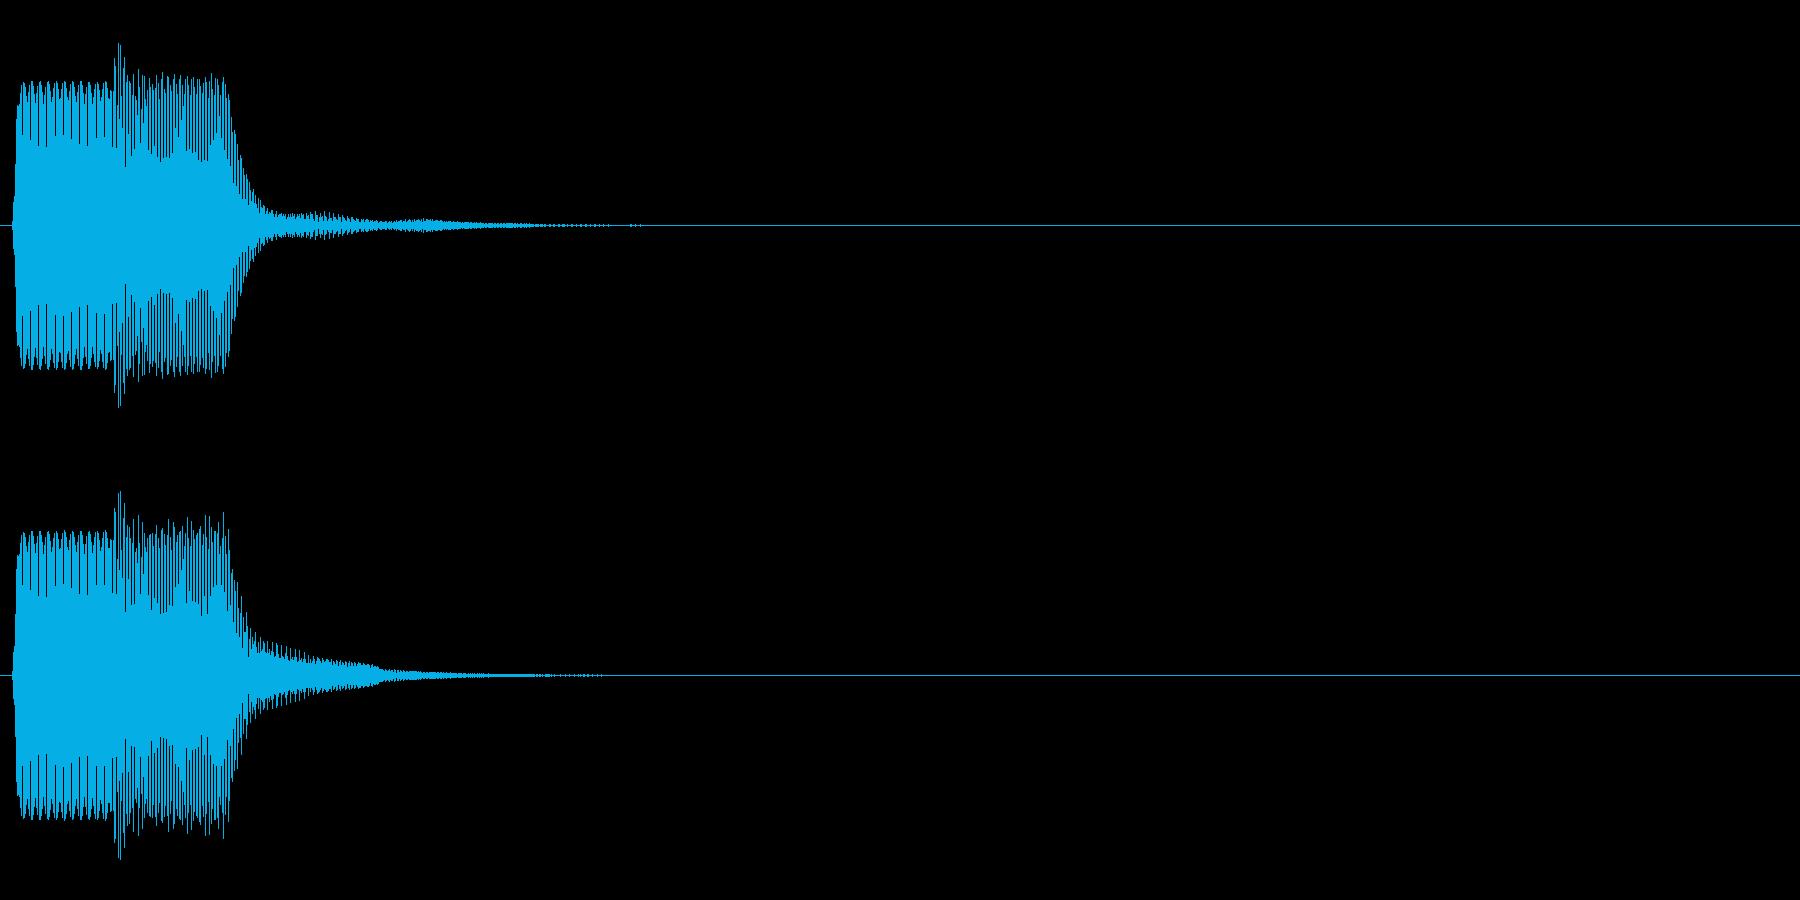 ピコン_鋸波(終了,停止,通知)_02の再生済みの波形